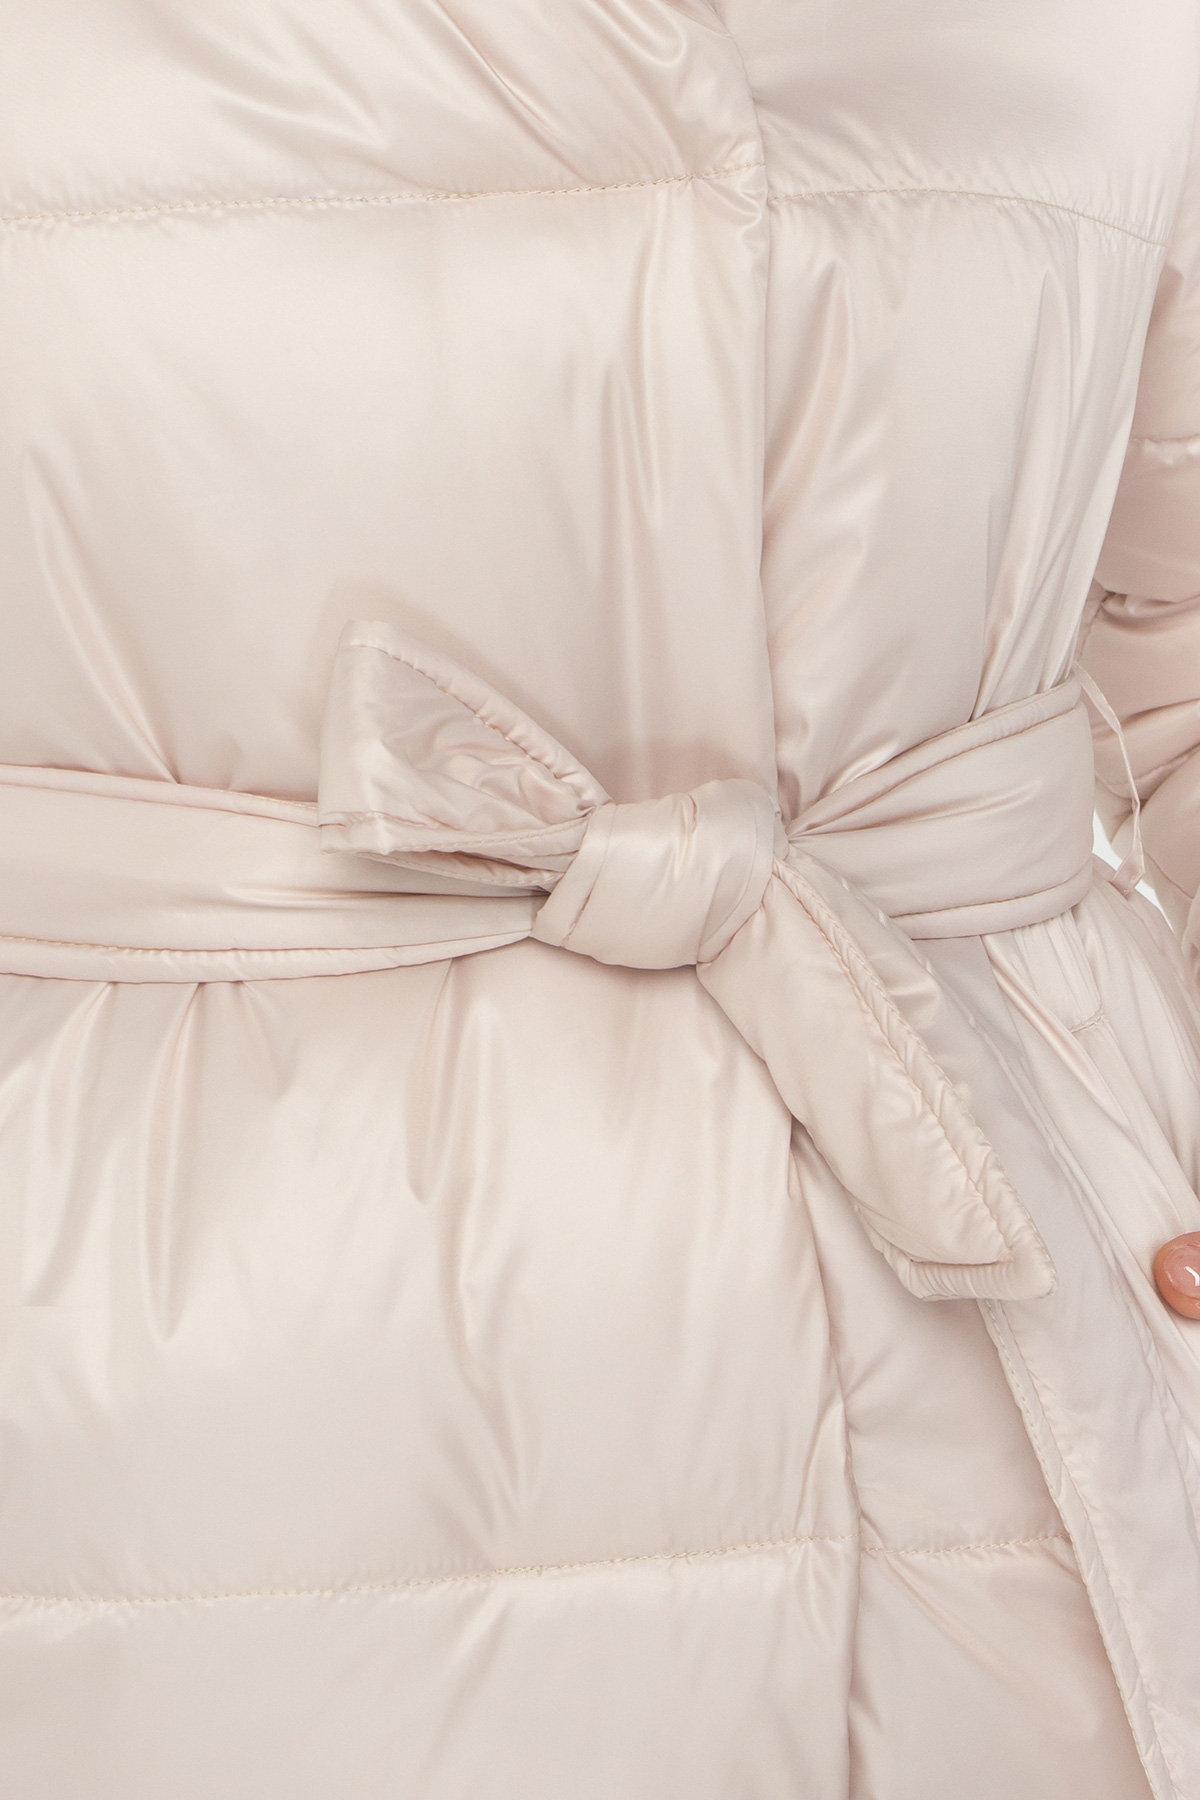 Лаковая куртка пуховик с поясом Бумер 8832 Цвет: Бежевый